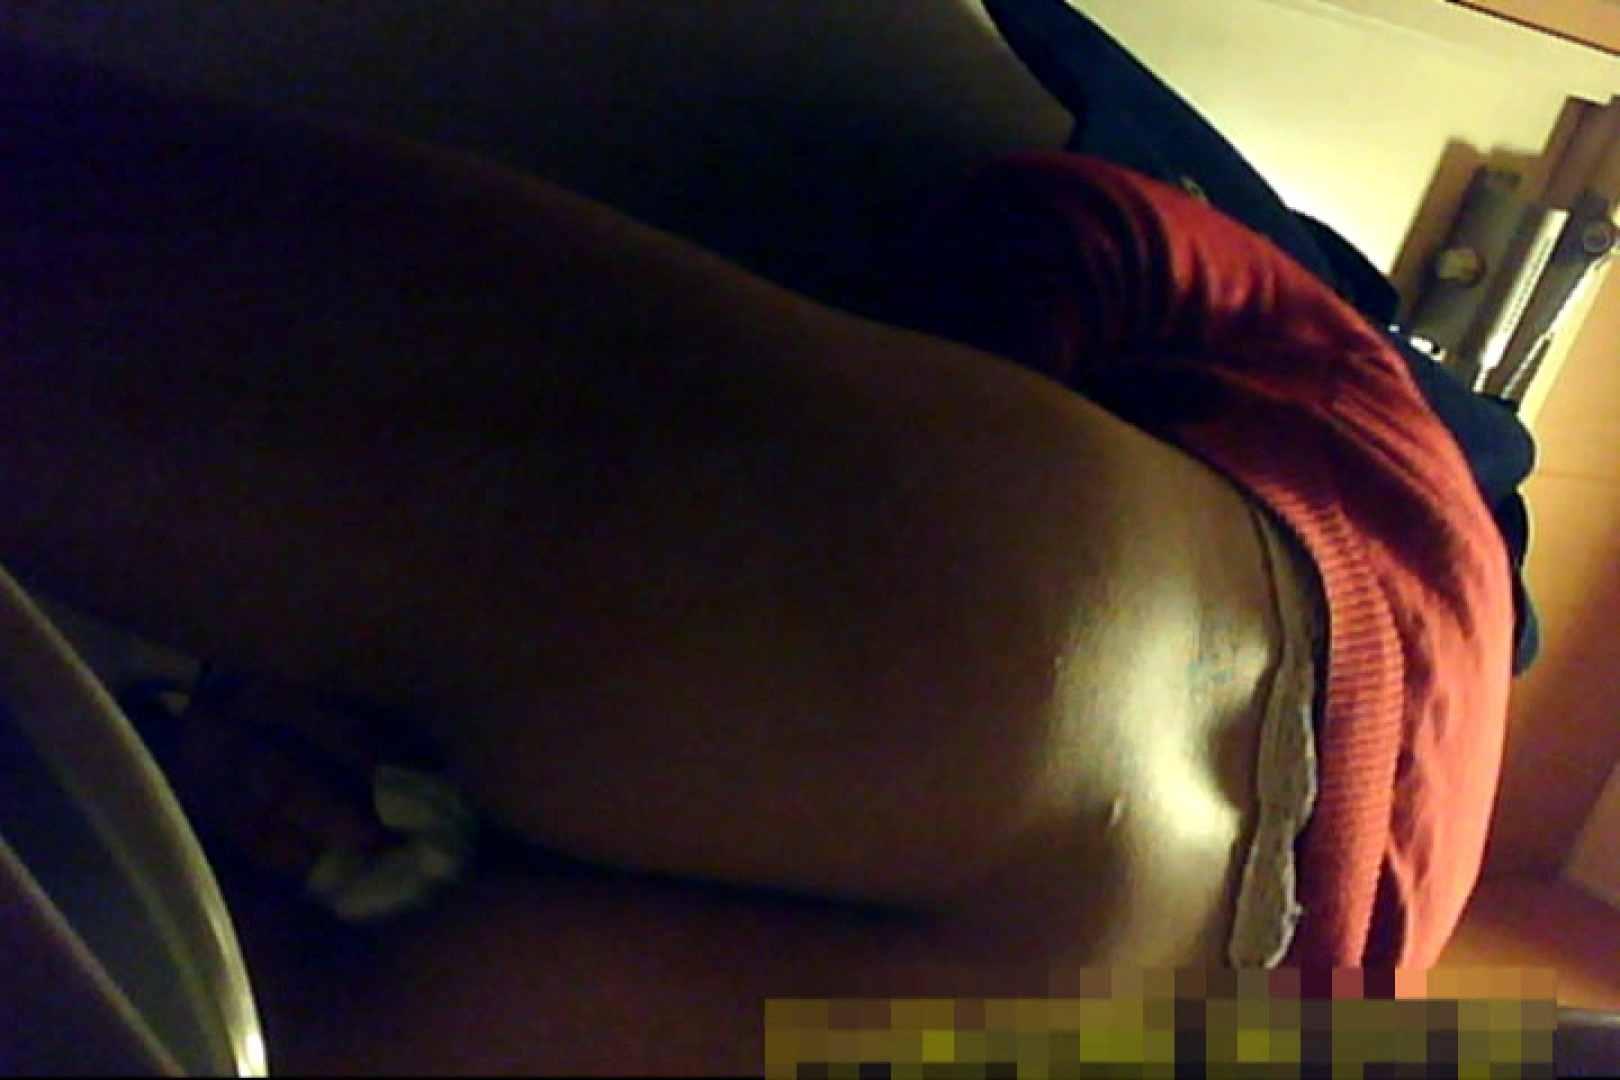 魅惑の化粧室~禁断のプライベート空間~24 プライベート映像  96pic 40